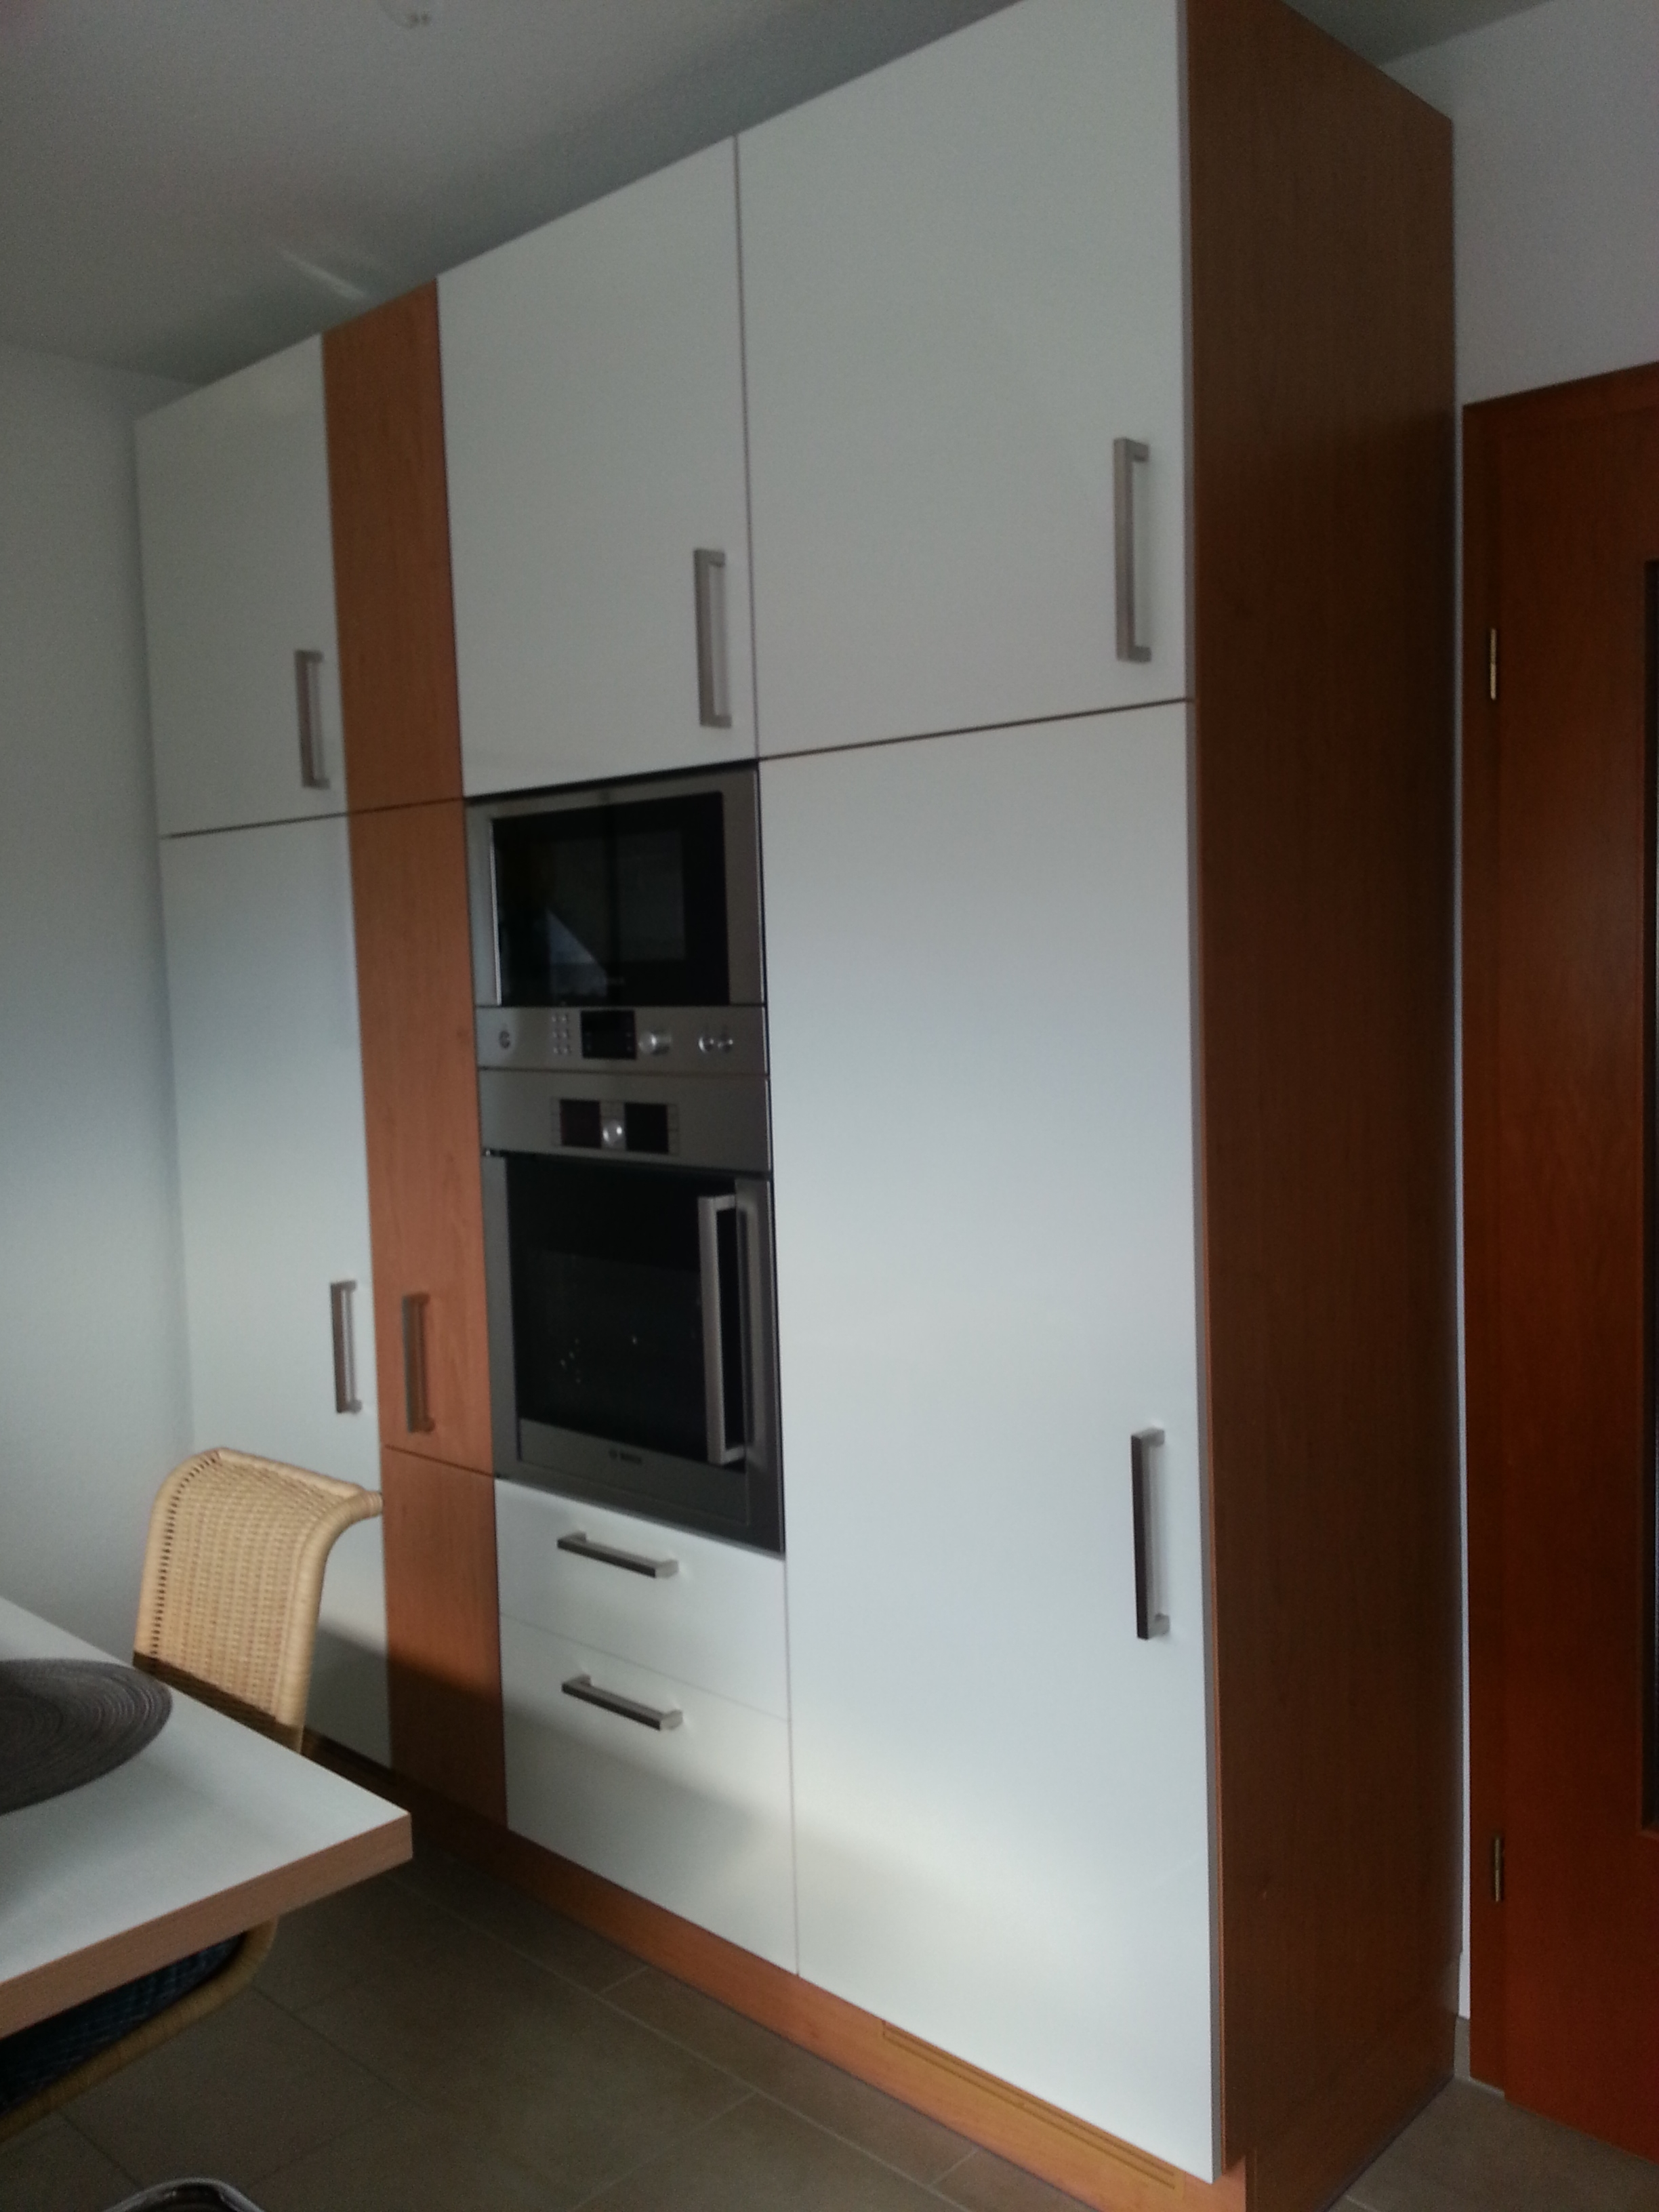 Neue Küchenfronten | acjsilva.com